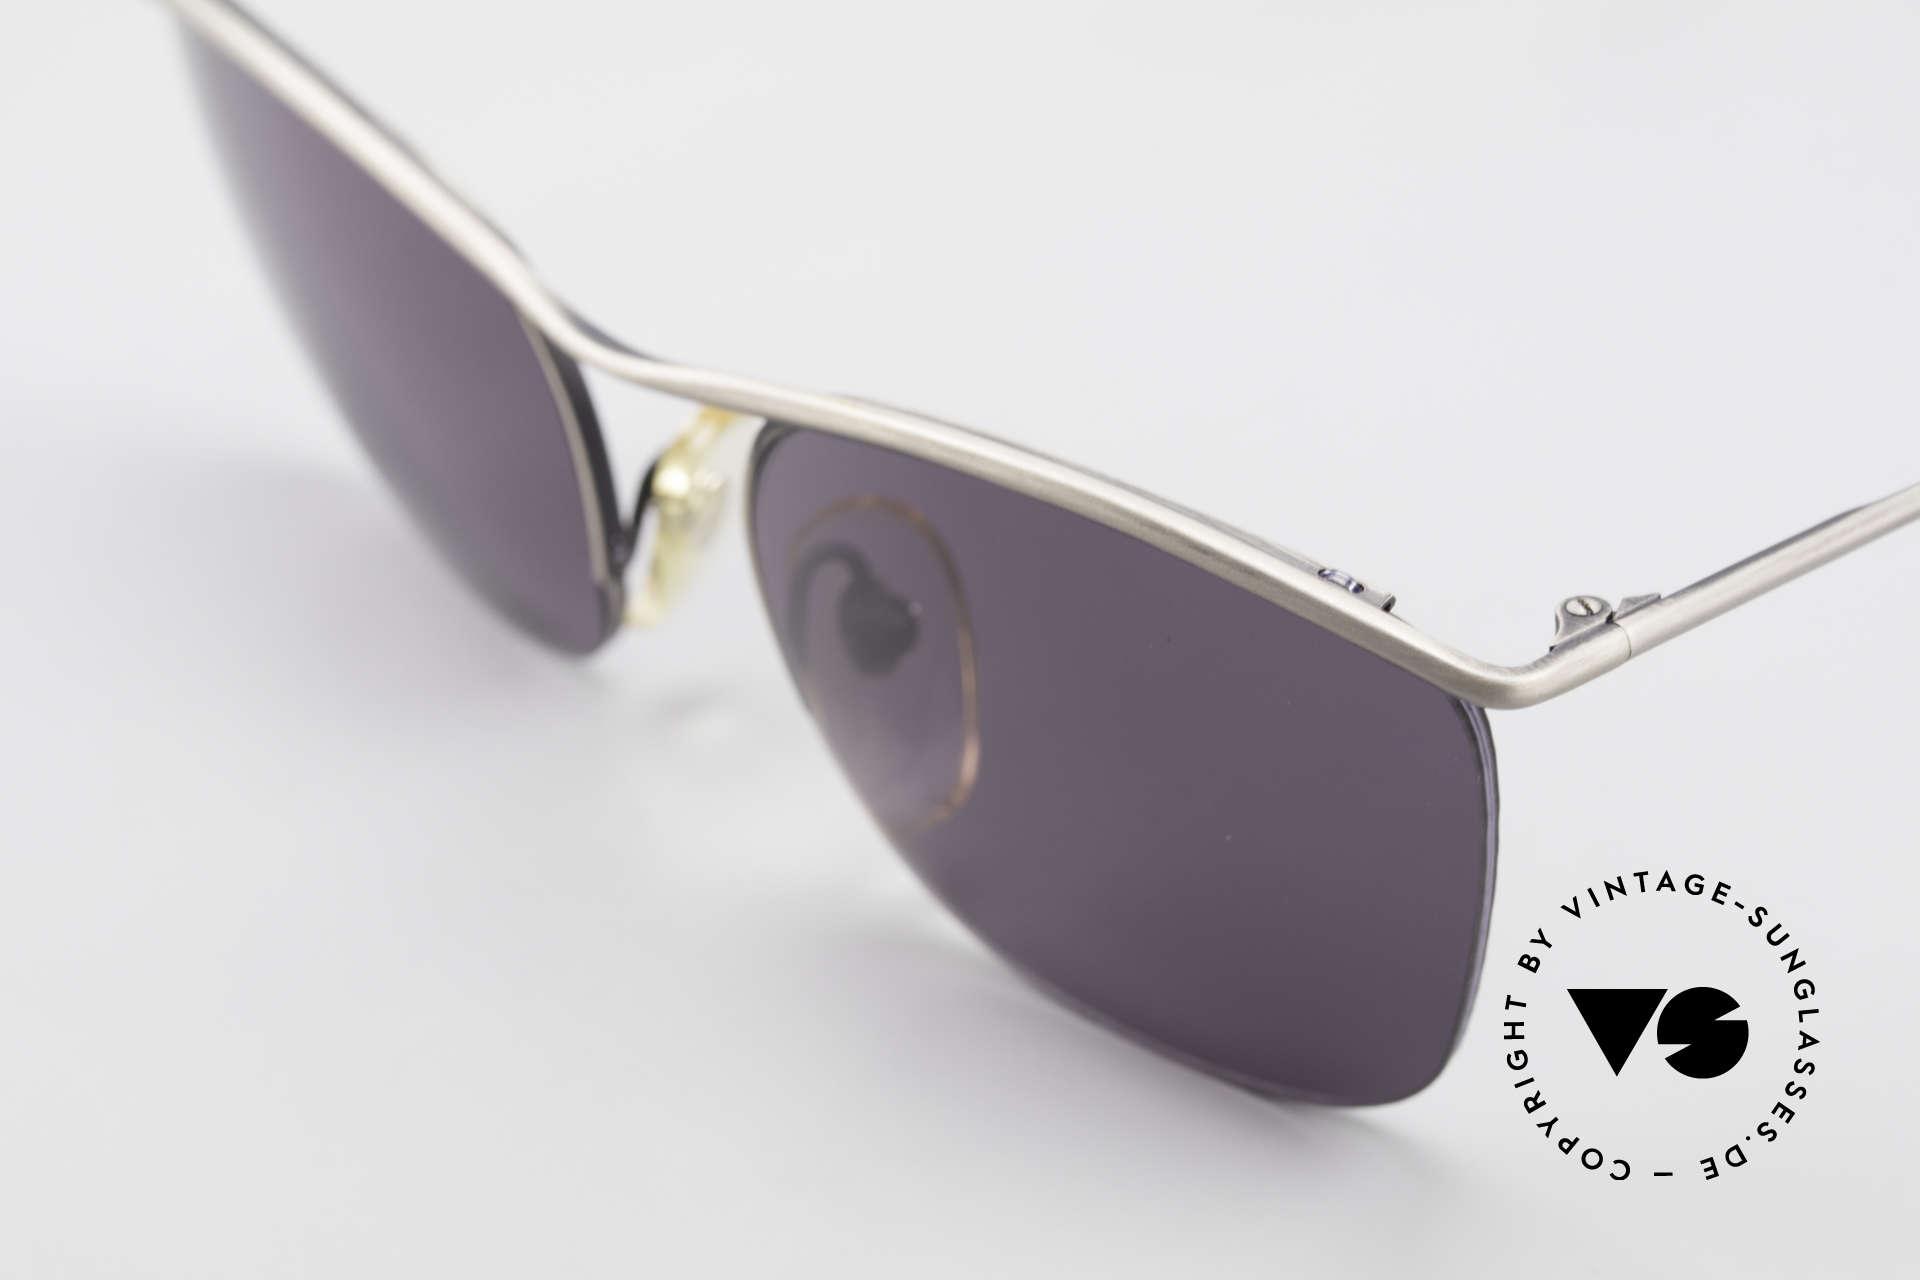 Cutler And Gross 0267 Halb Rahmenlose Sonnenbrille, halb randlos: Gläser sind mit einem Nylor-Faden gefasst, Passend für Herren und Damen